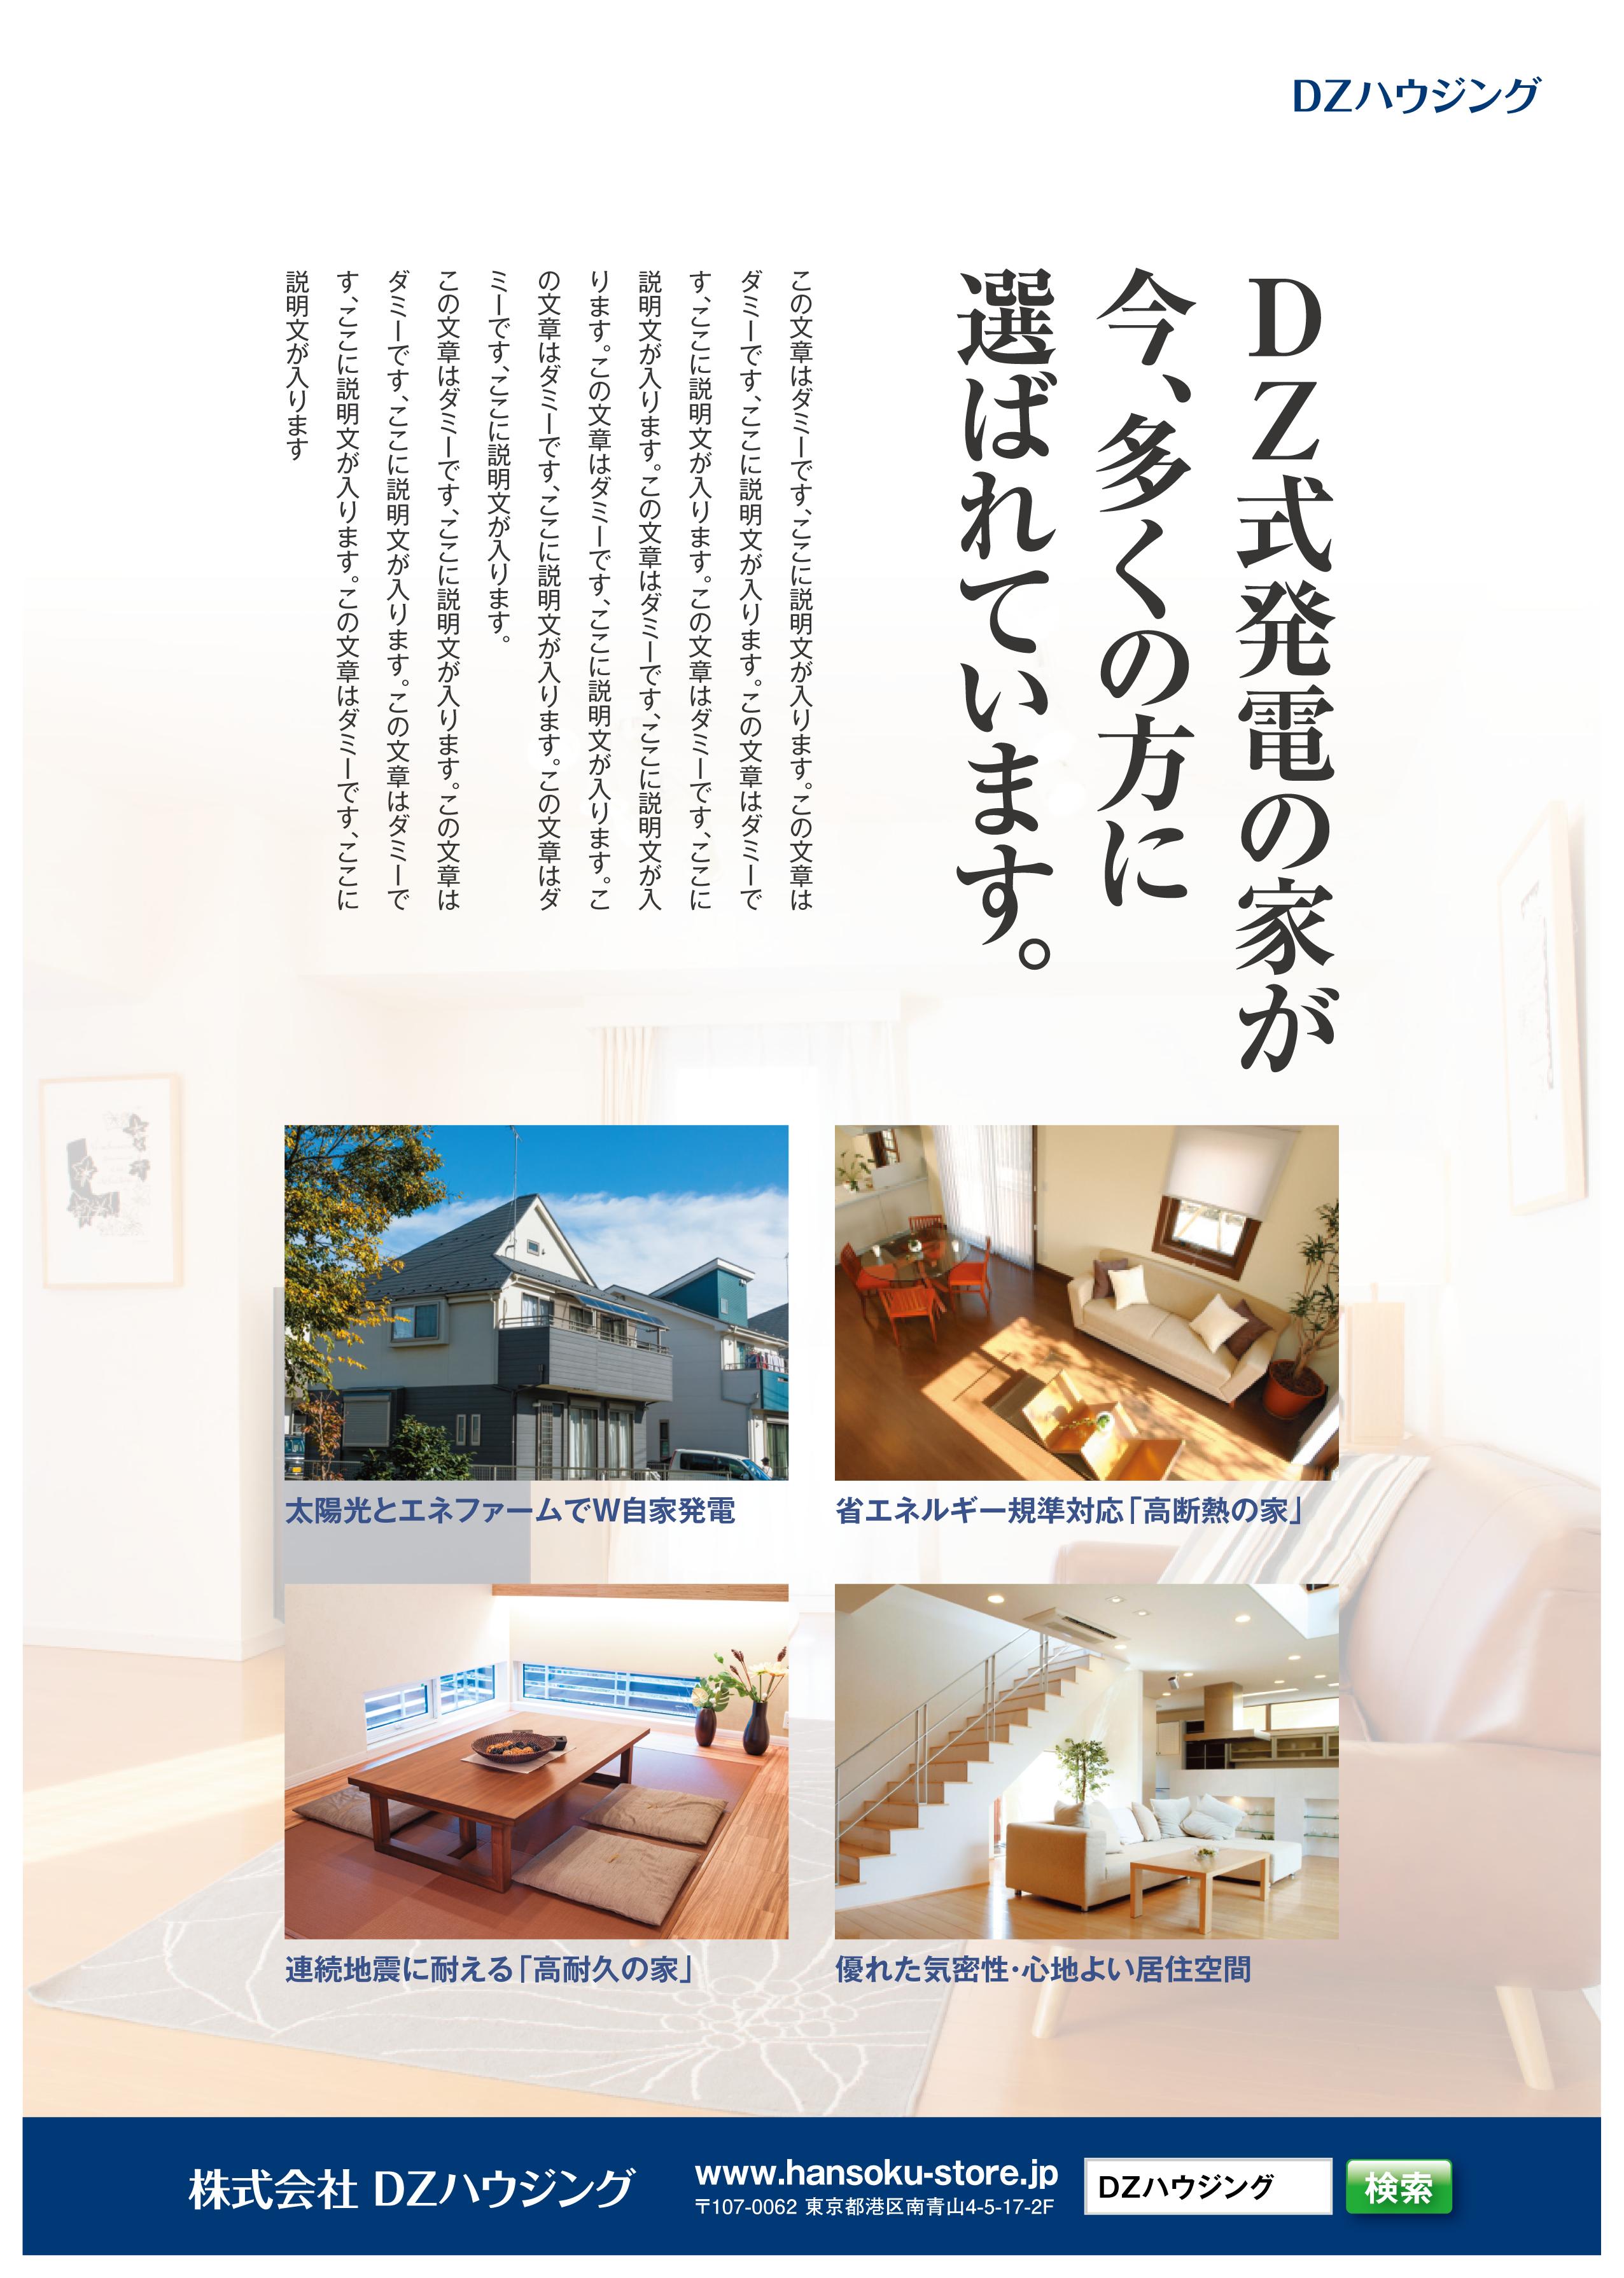 不動産/戸建 雑誌広告1P